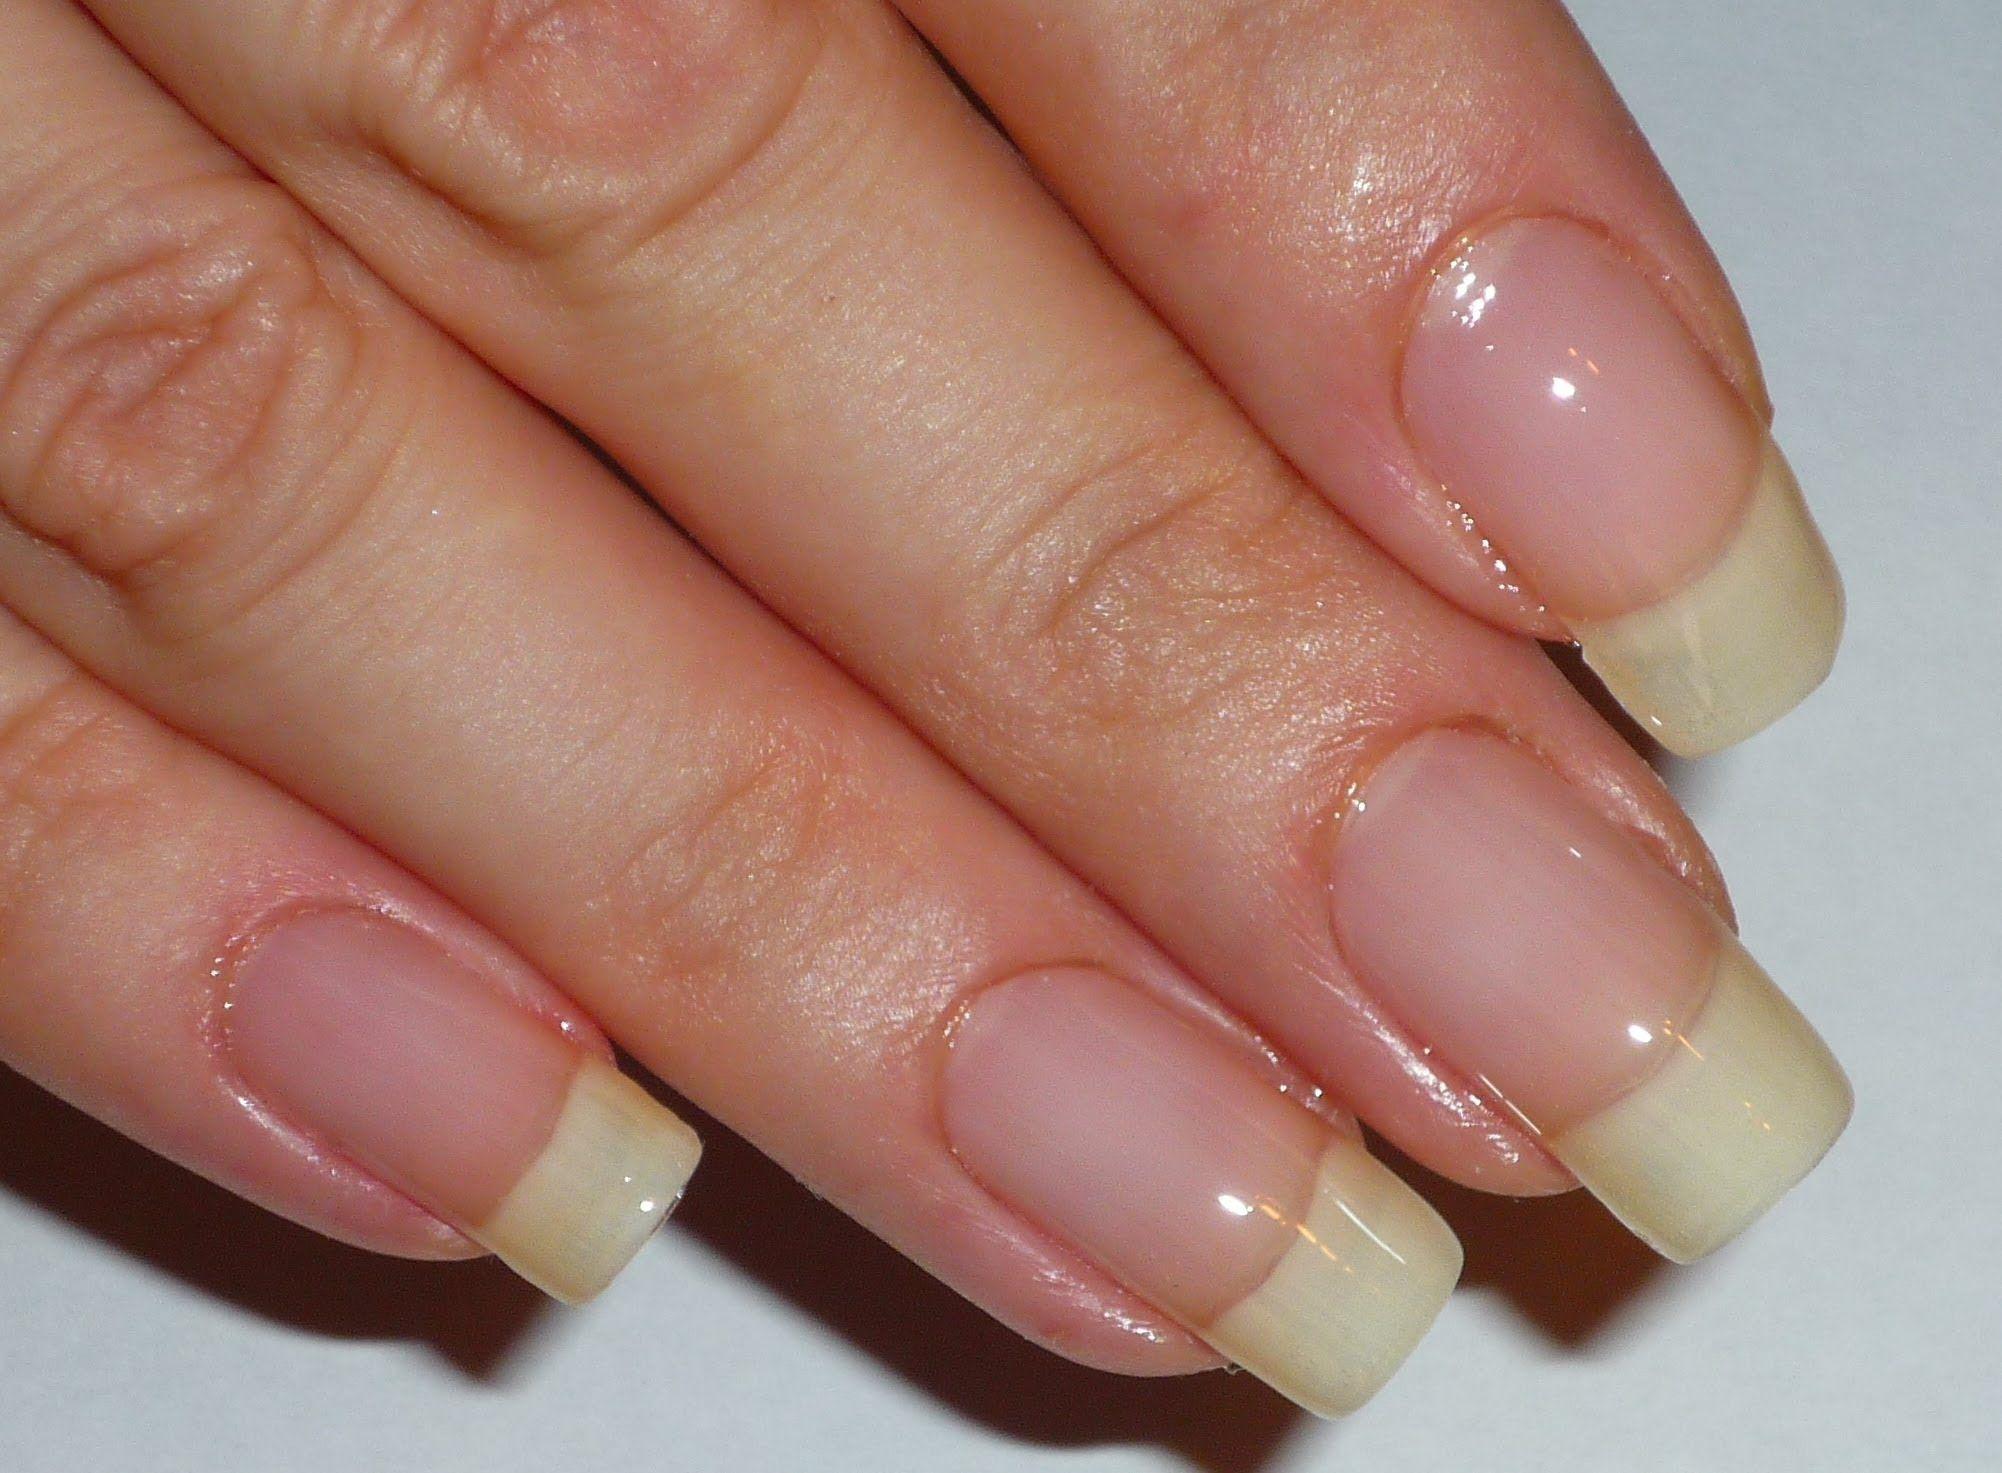 Grow long nails naturally | Nails | Pinterest | Grow long nails ...